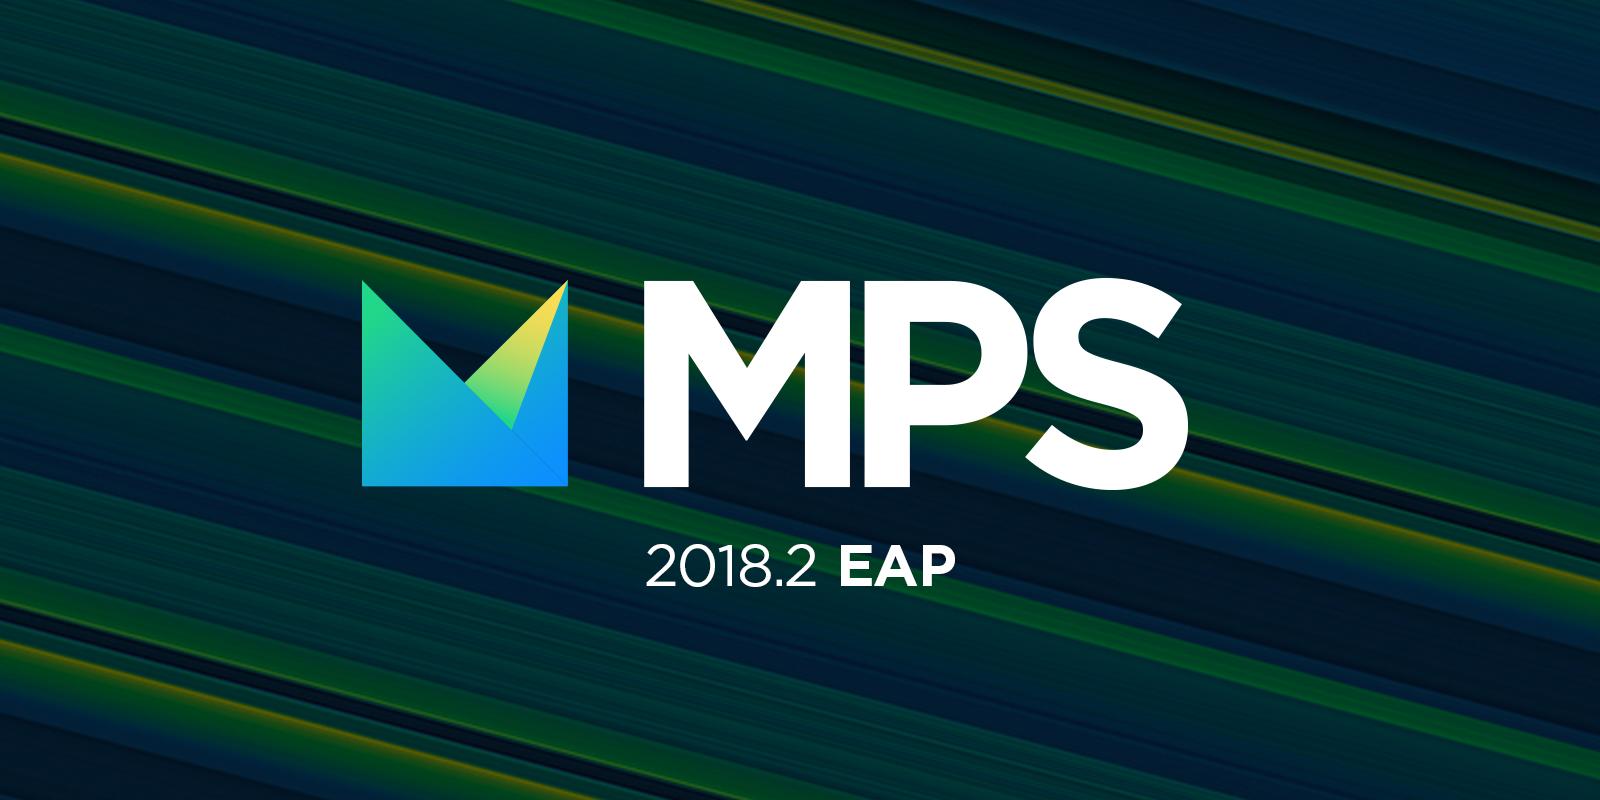 800x400_blogMPS_2018_2_EAP_@2x_preview